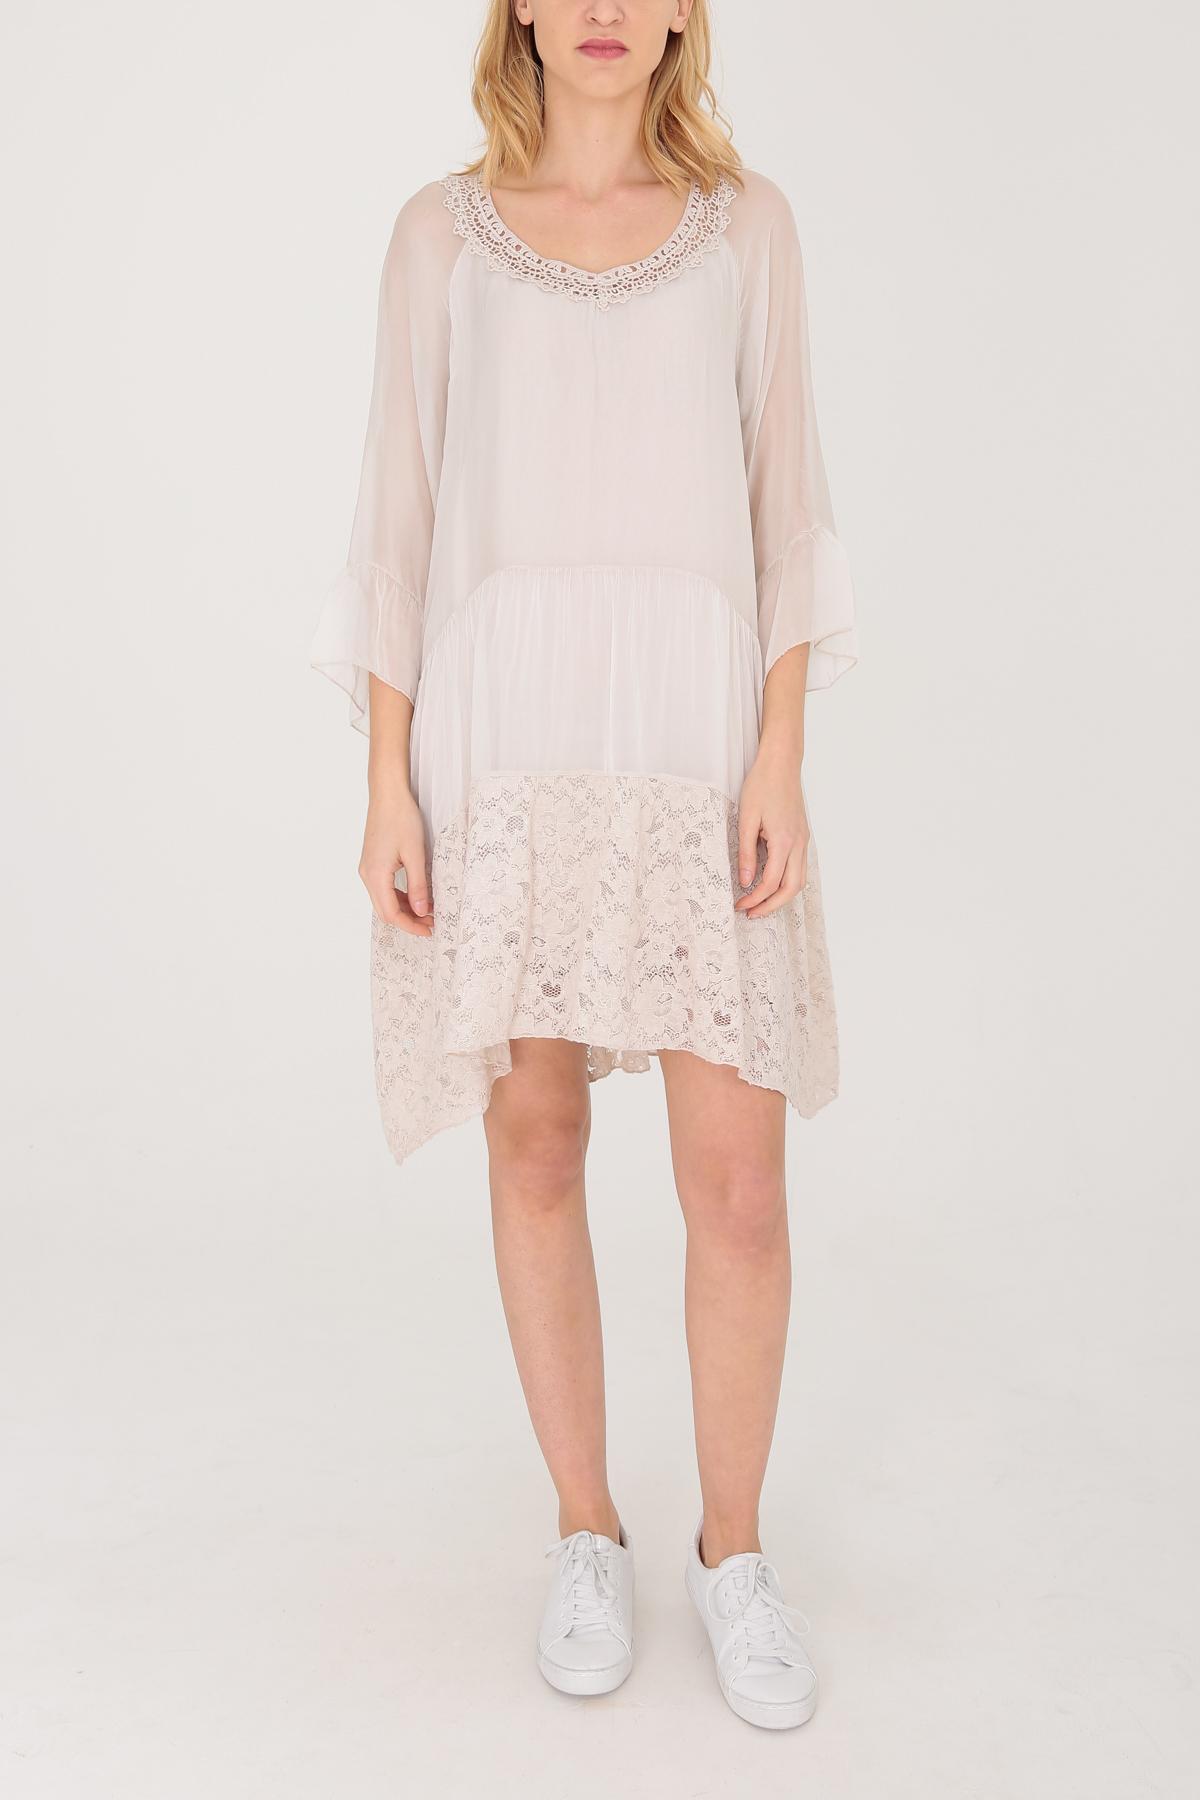 Robes courtes Femme Beige 3D TRADE 6114 #c eFashion Paris